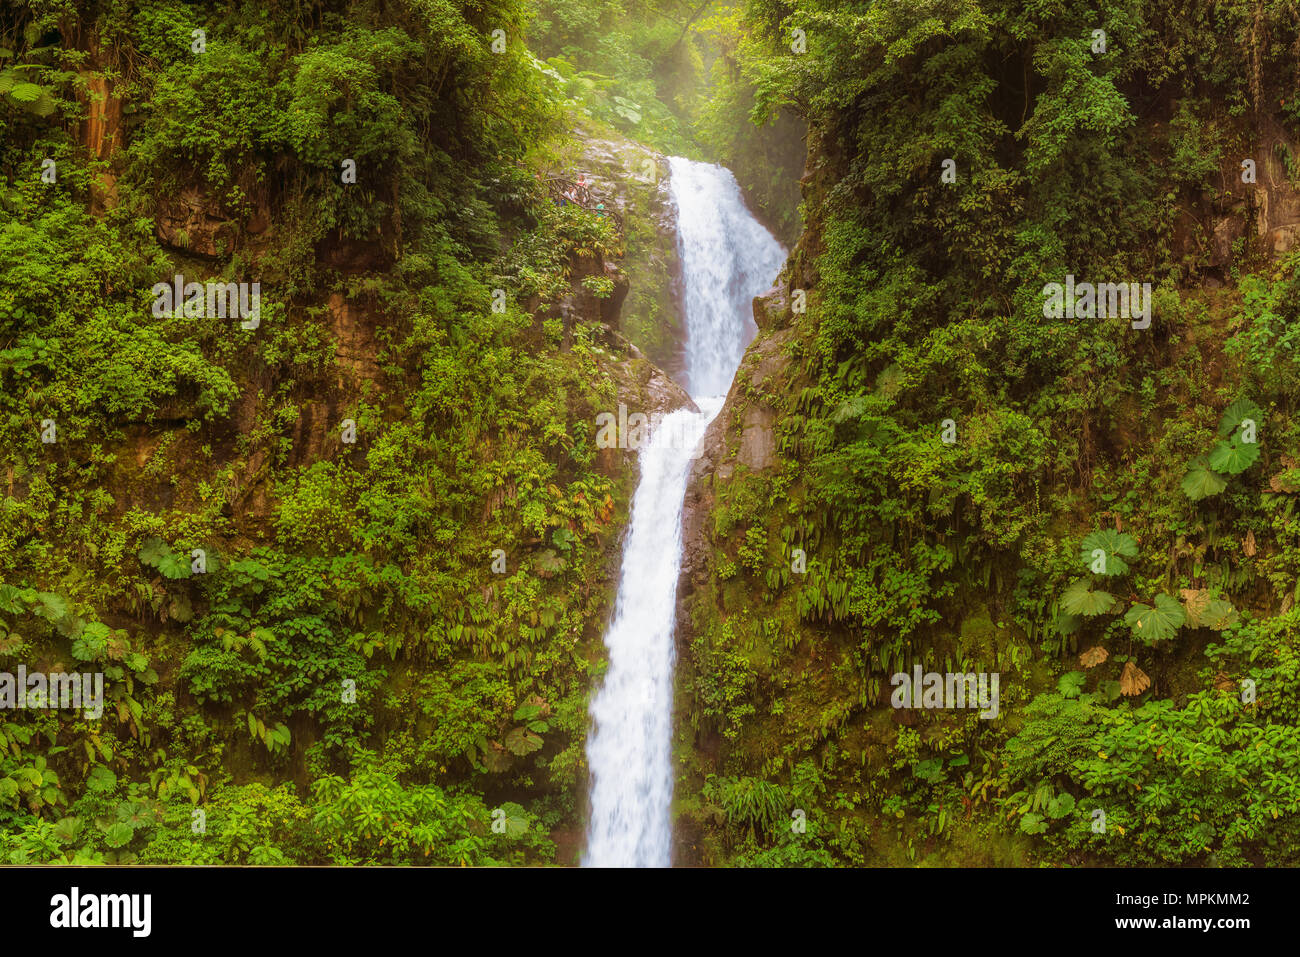 La Paz è una cascata in Costa Rica centrale.it è noto come Catarata de La Paz. Si tratta di 31 chilometri a nord di Alajuela, tra Vara Blanca e accenni di china Immagini Stock